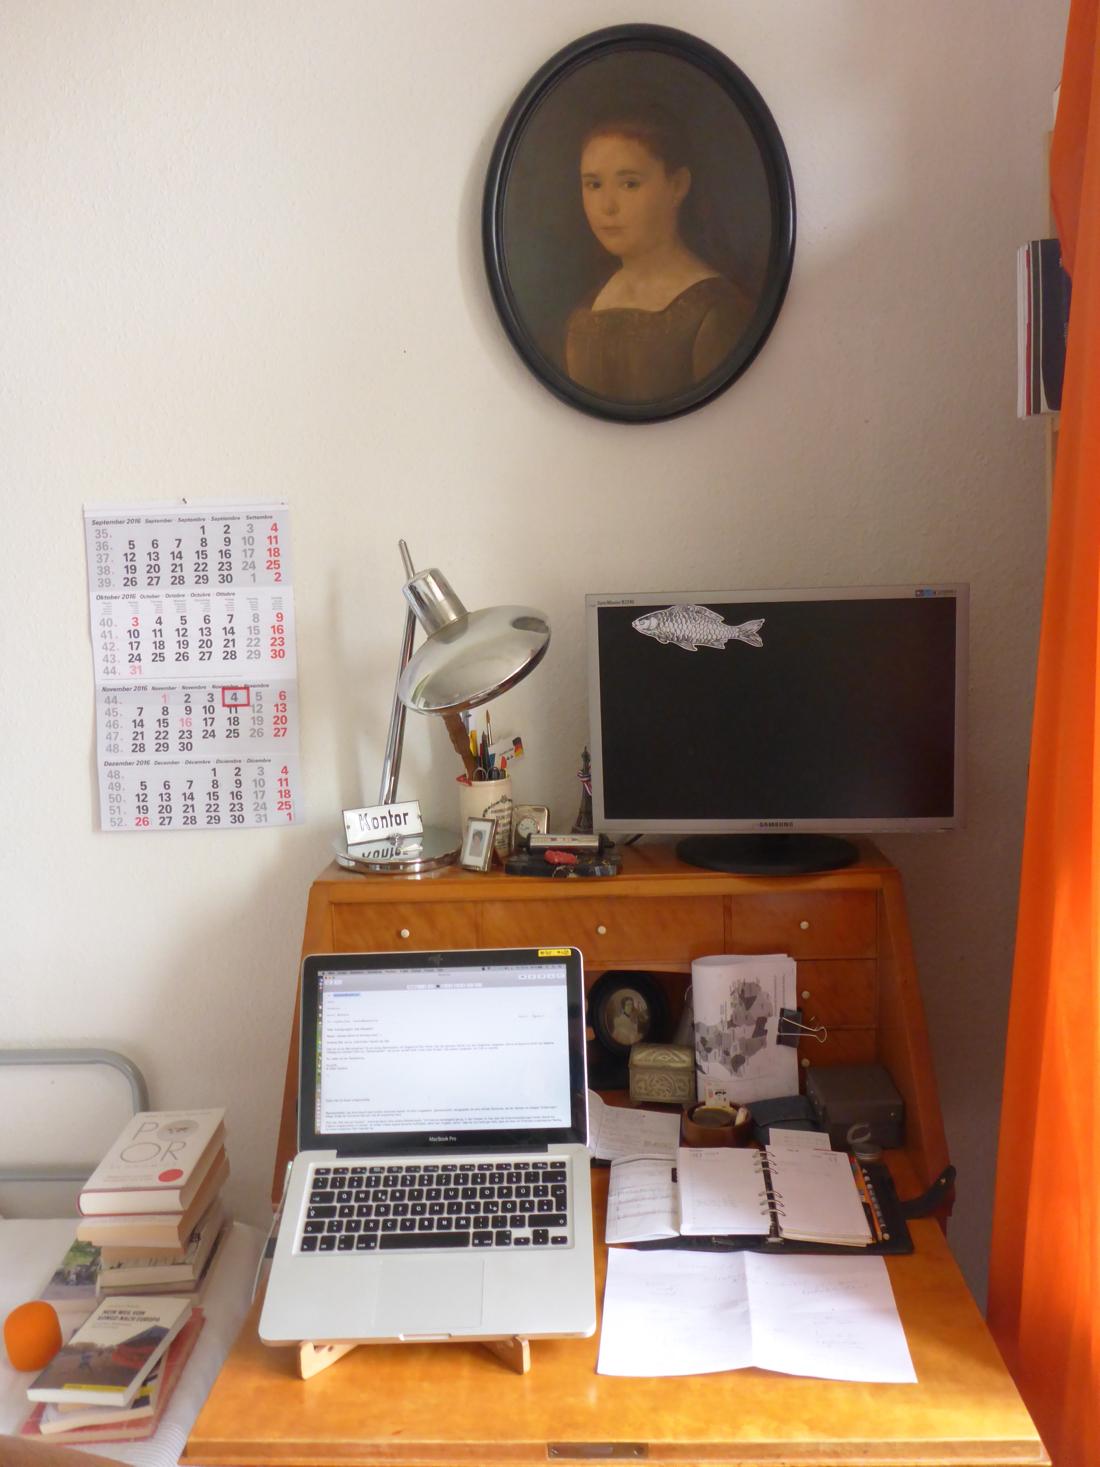 Dolmetscher berlin auf dem schreibtisch xxxvii for Schreibtisch vor heizung